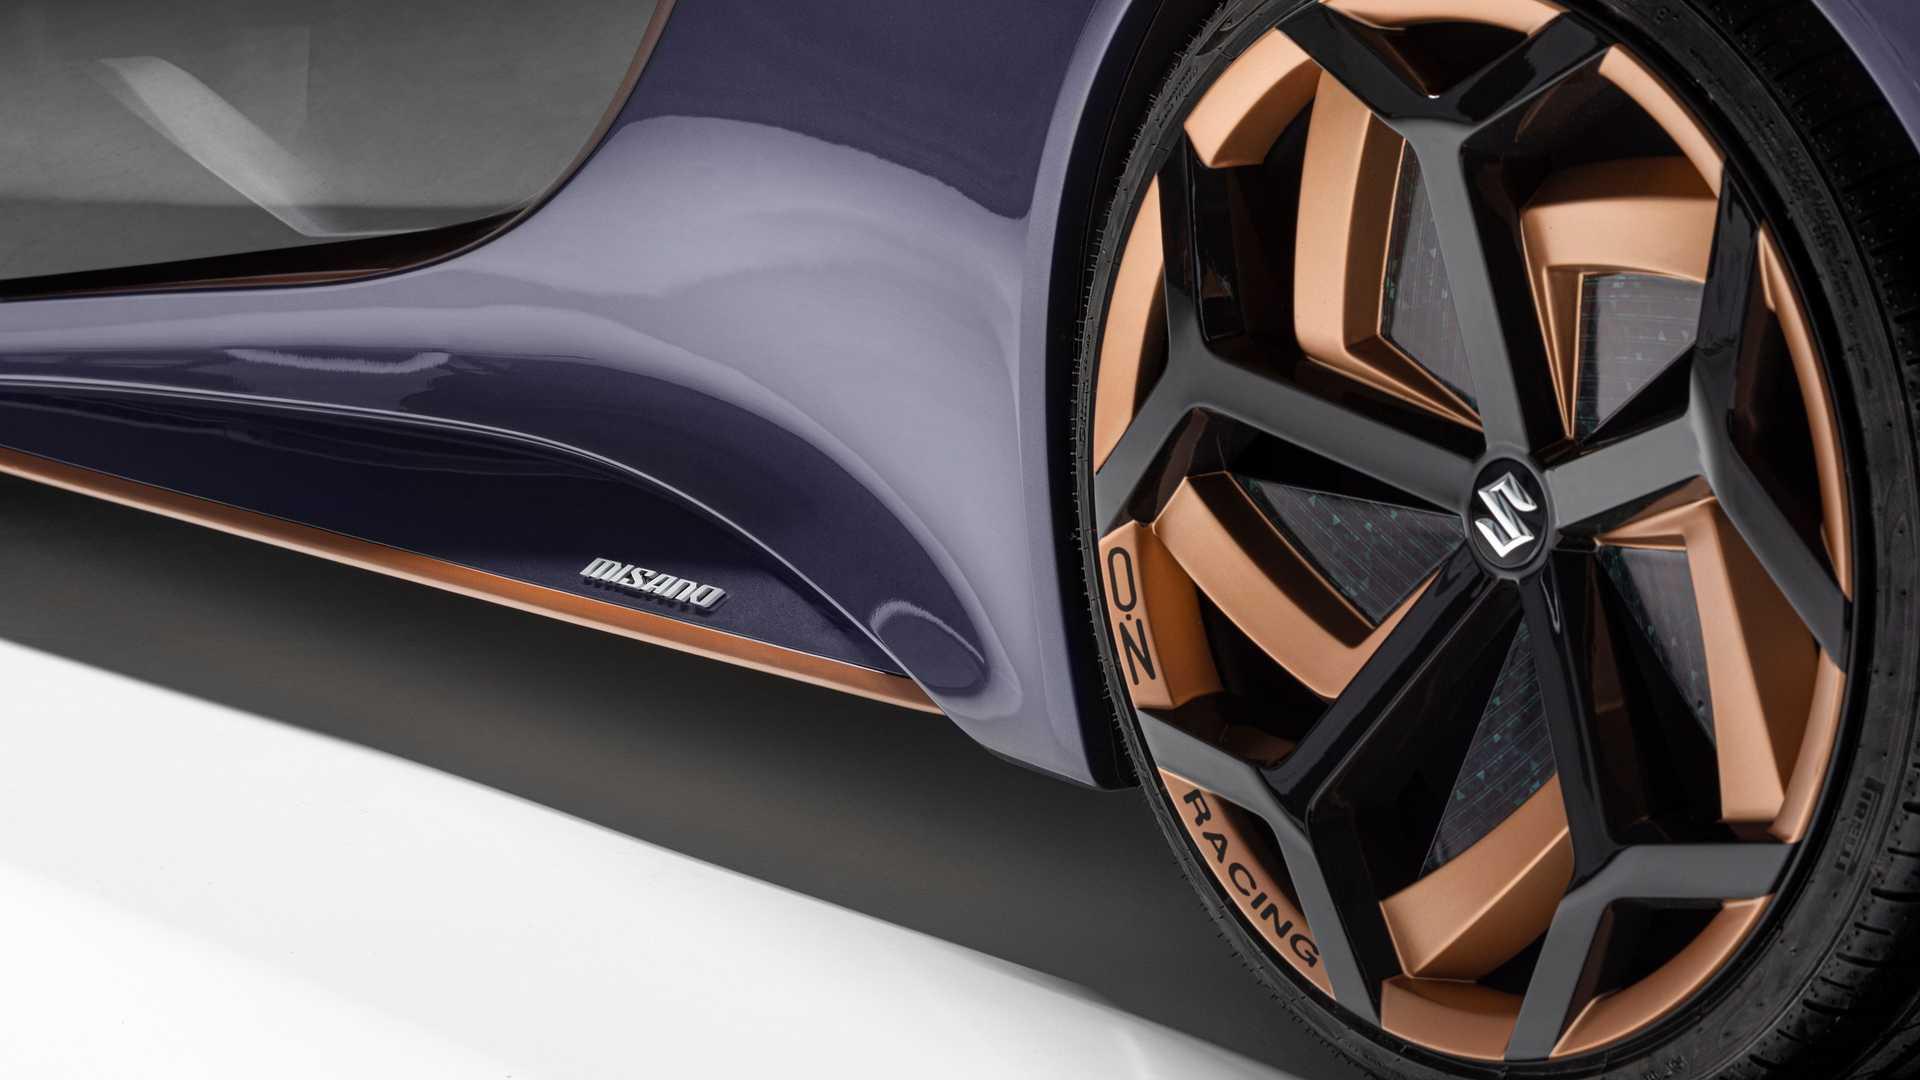 Suzuki-Misano-Concept-IED-24